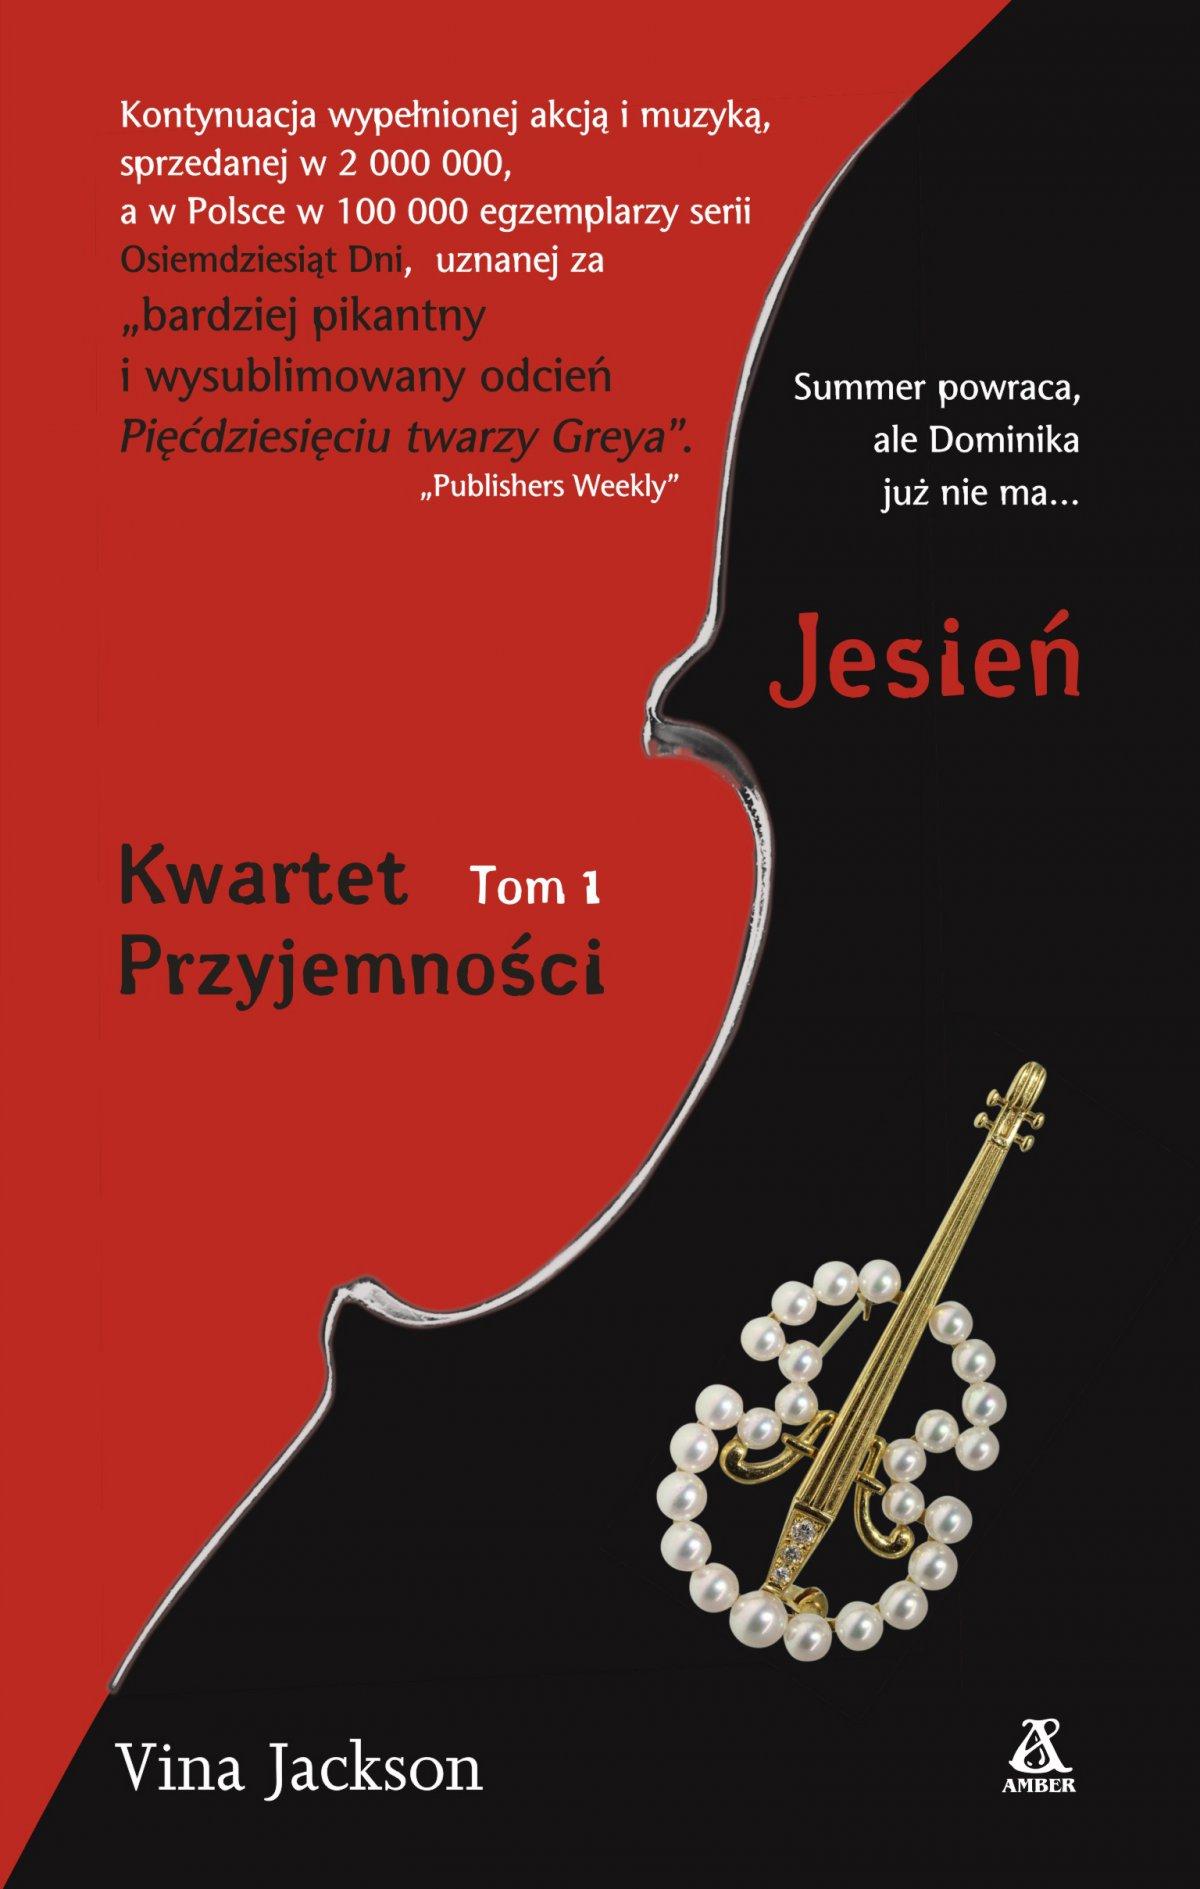 Kwartet Przyjemności. Jesień - Ebook (Książka na Kindle) do pobrania w formacie MOBI